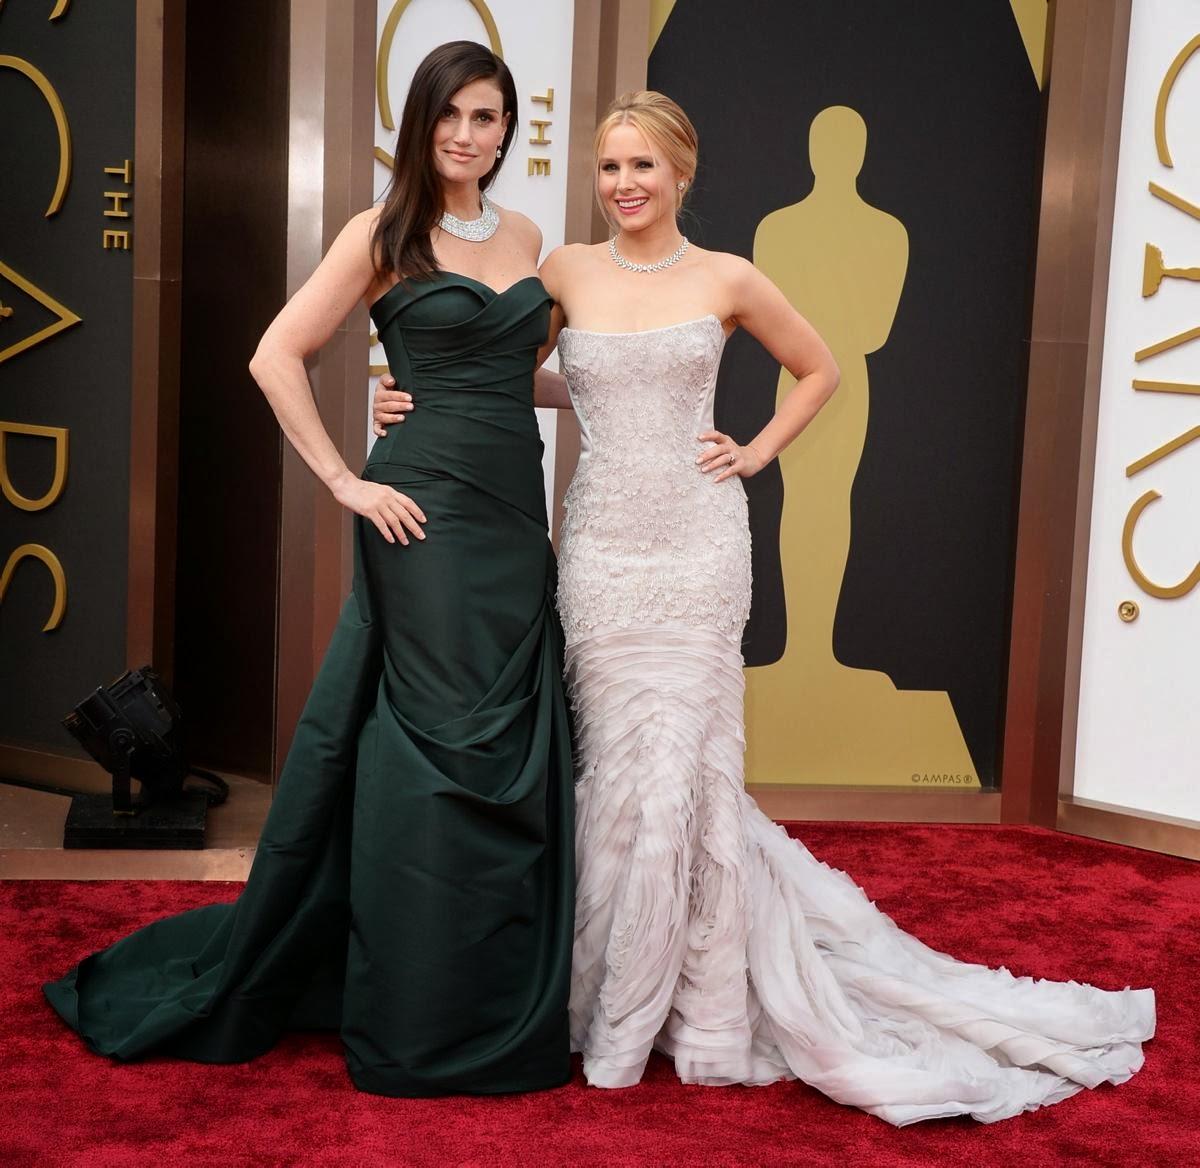 Idina Menzel & Kristen Bell